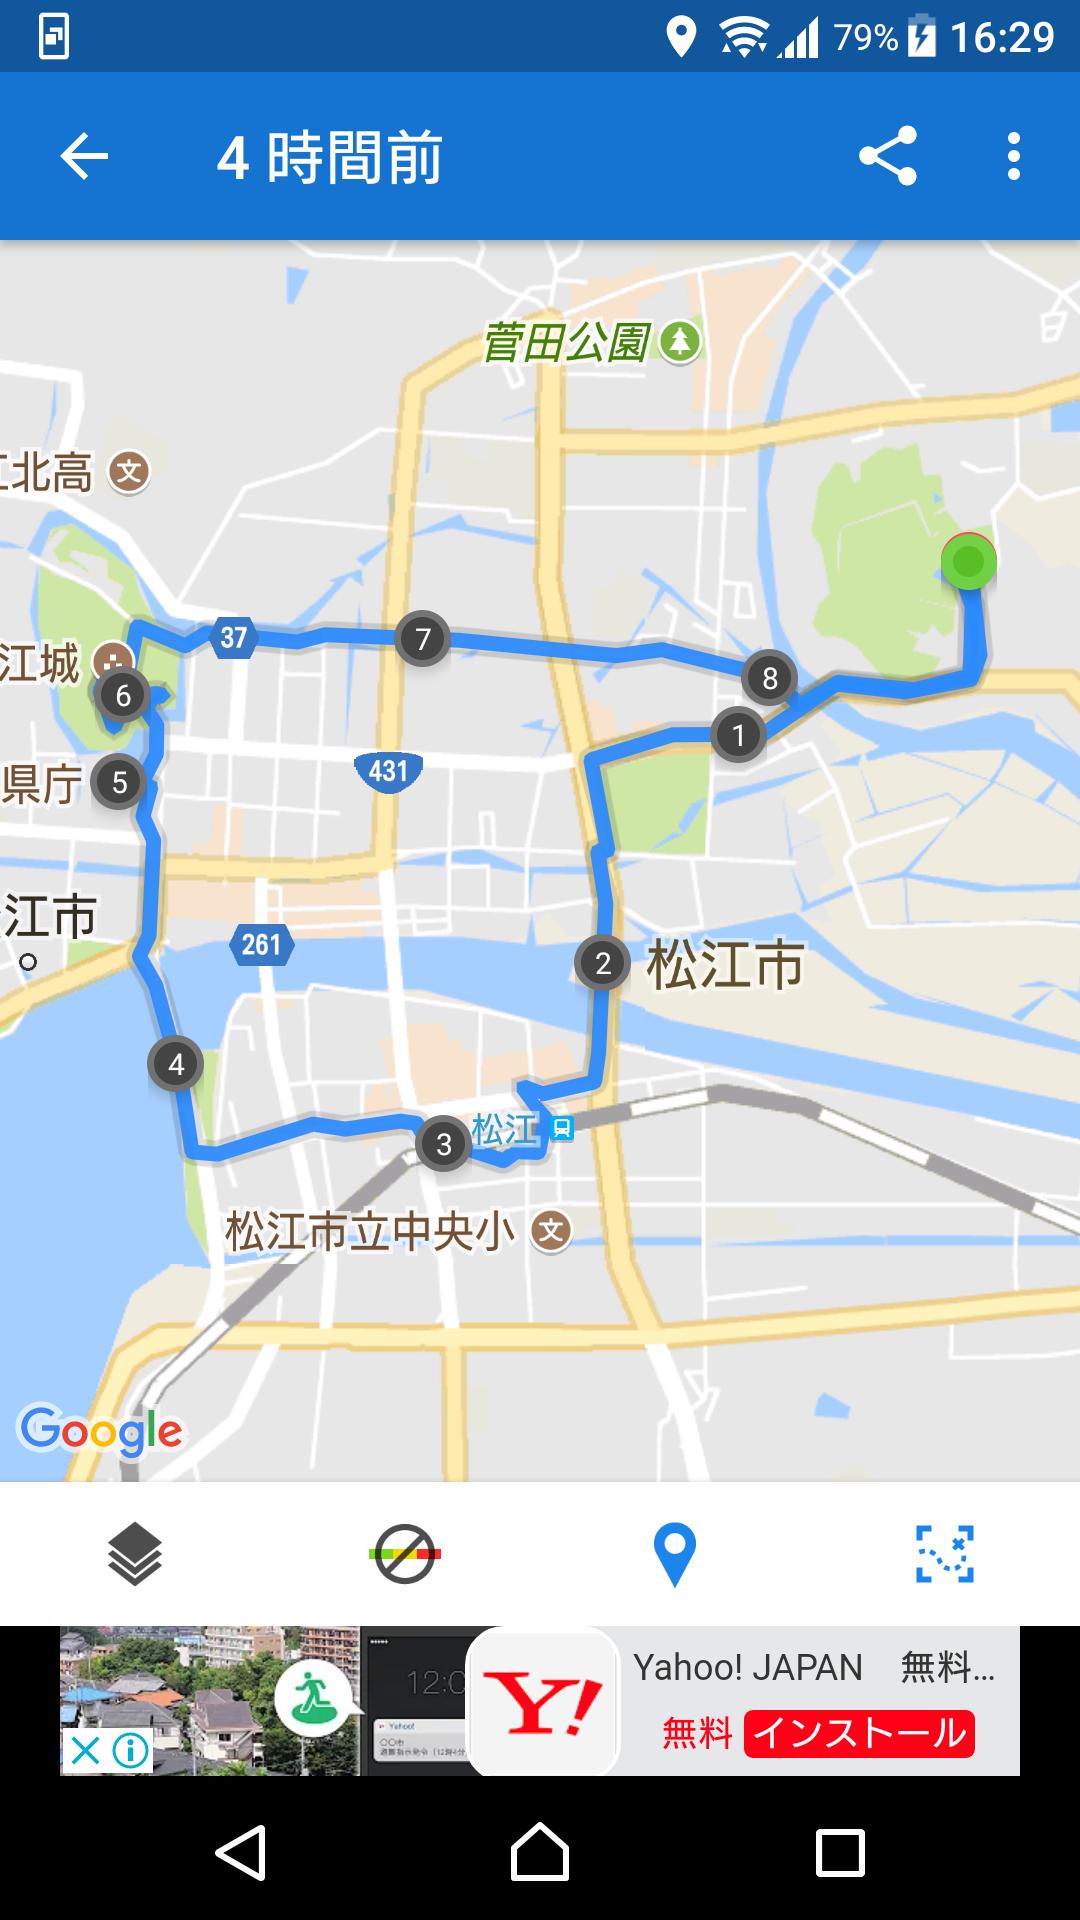 f:id:ynakayama27:20170809173352p:plain